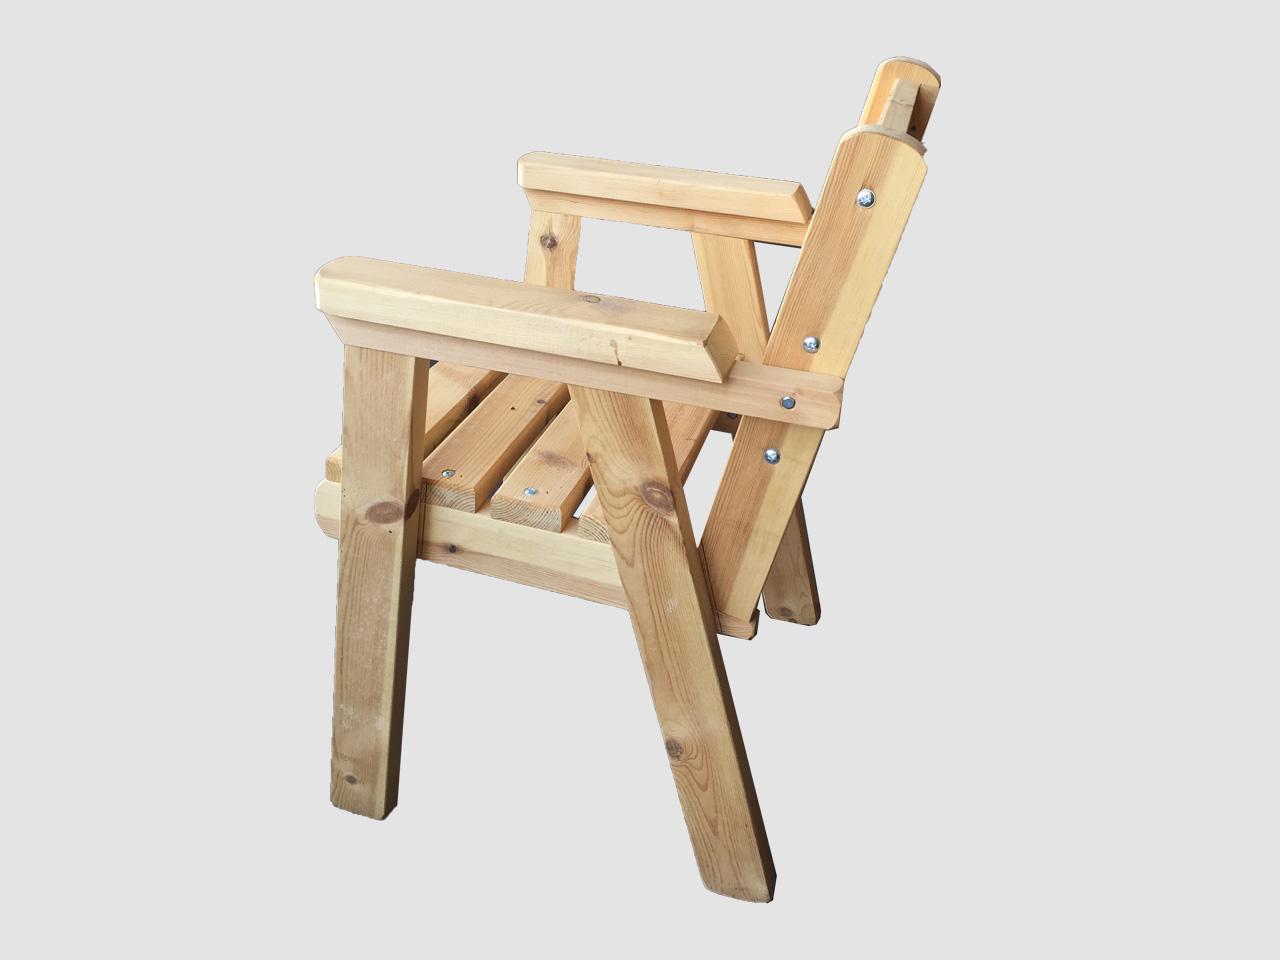 ξυλινη καρεκλα με μπράτσο